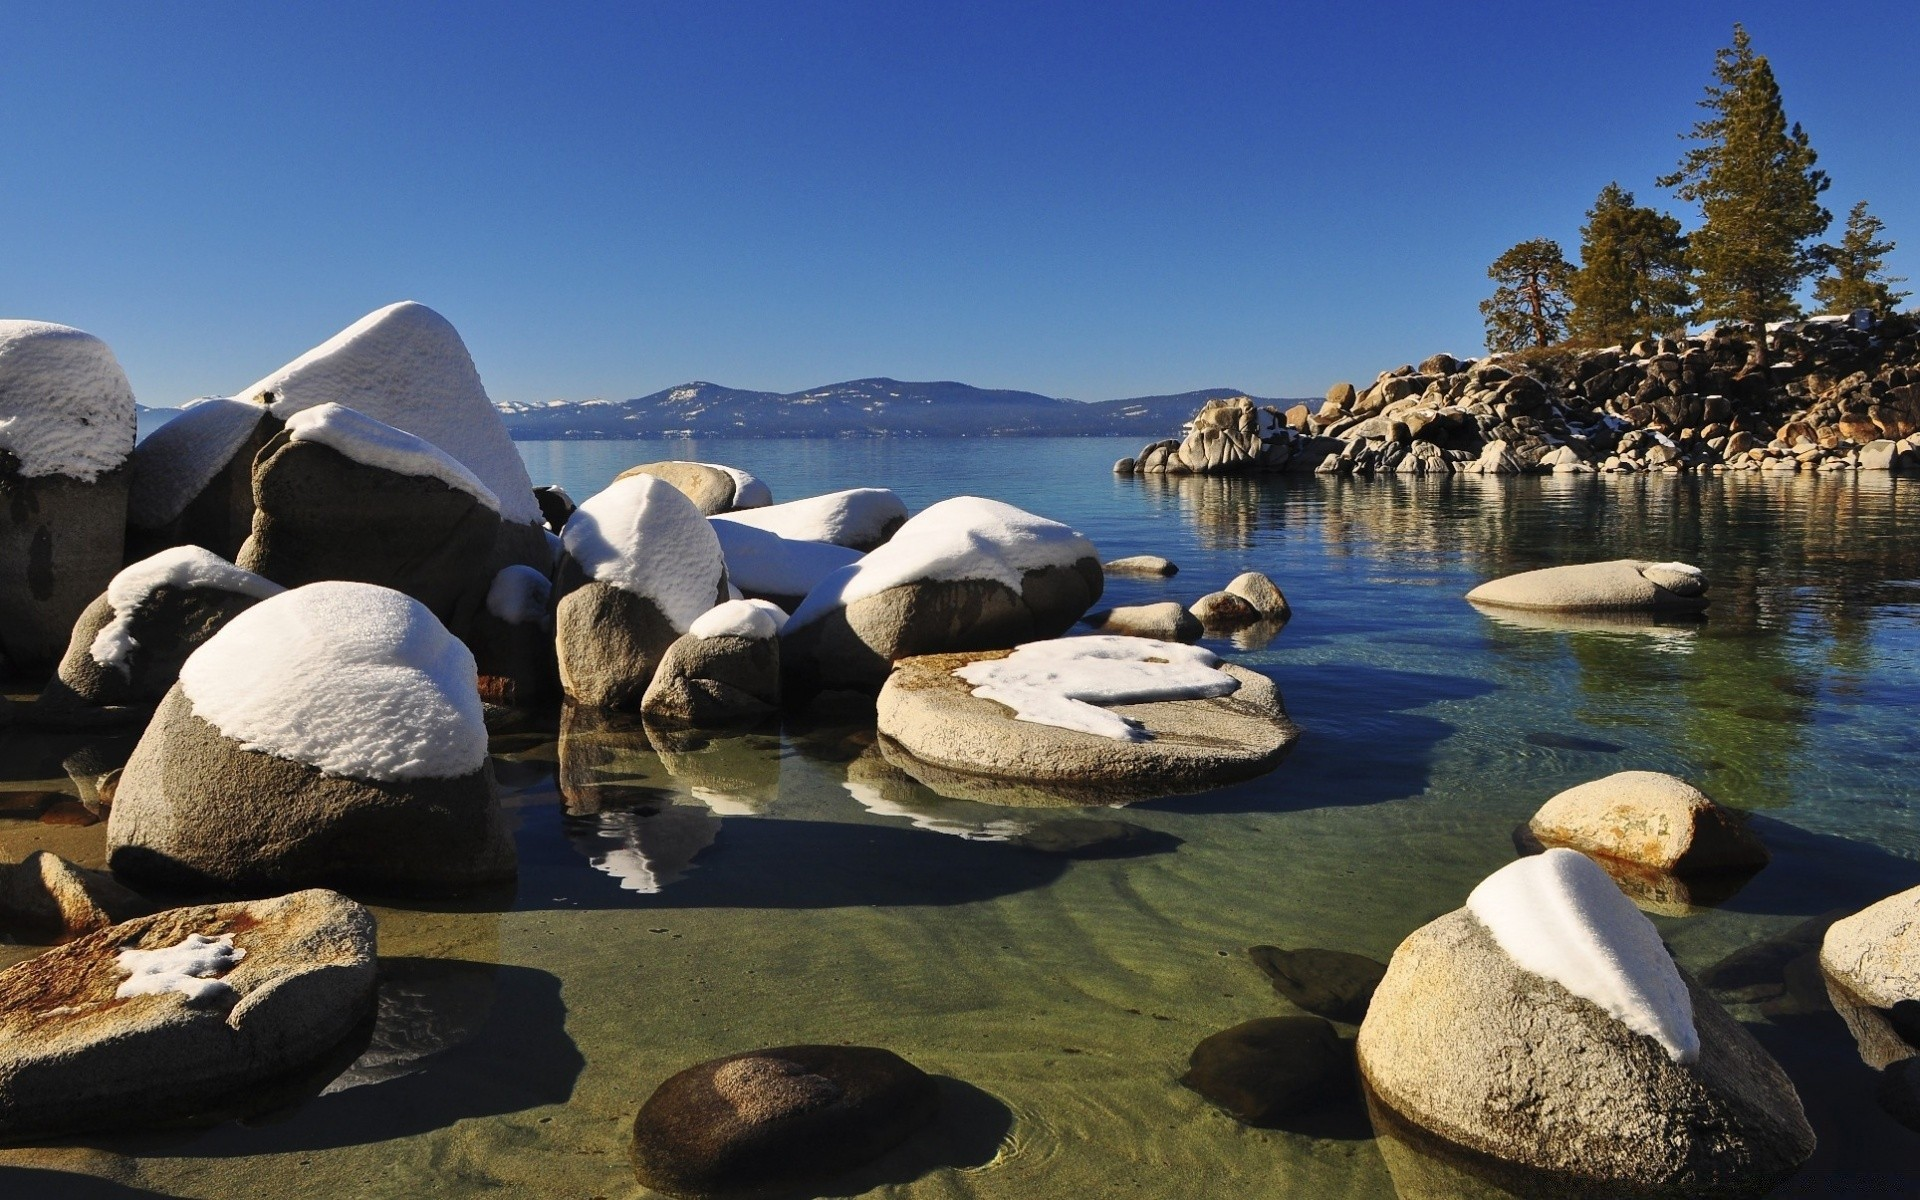 Озерцо вокруг камней  № 395414 бесплатно